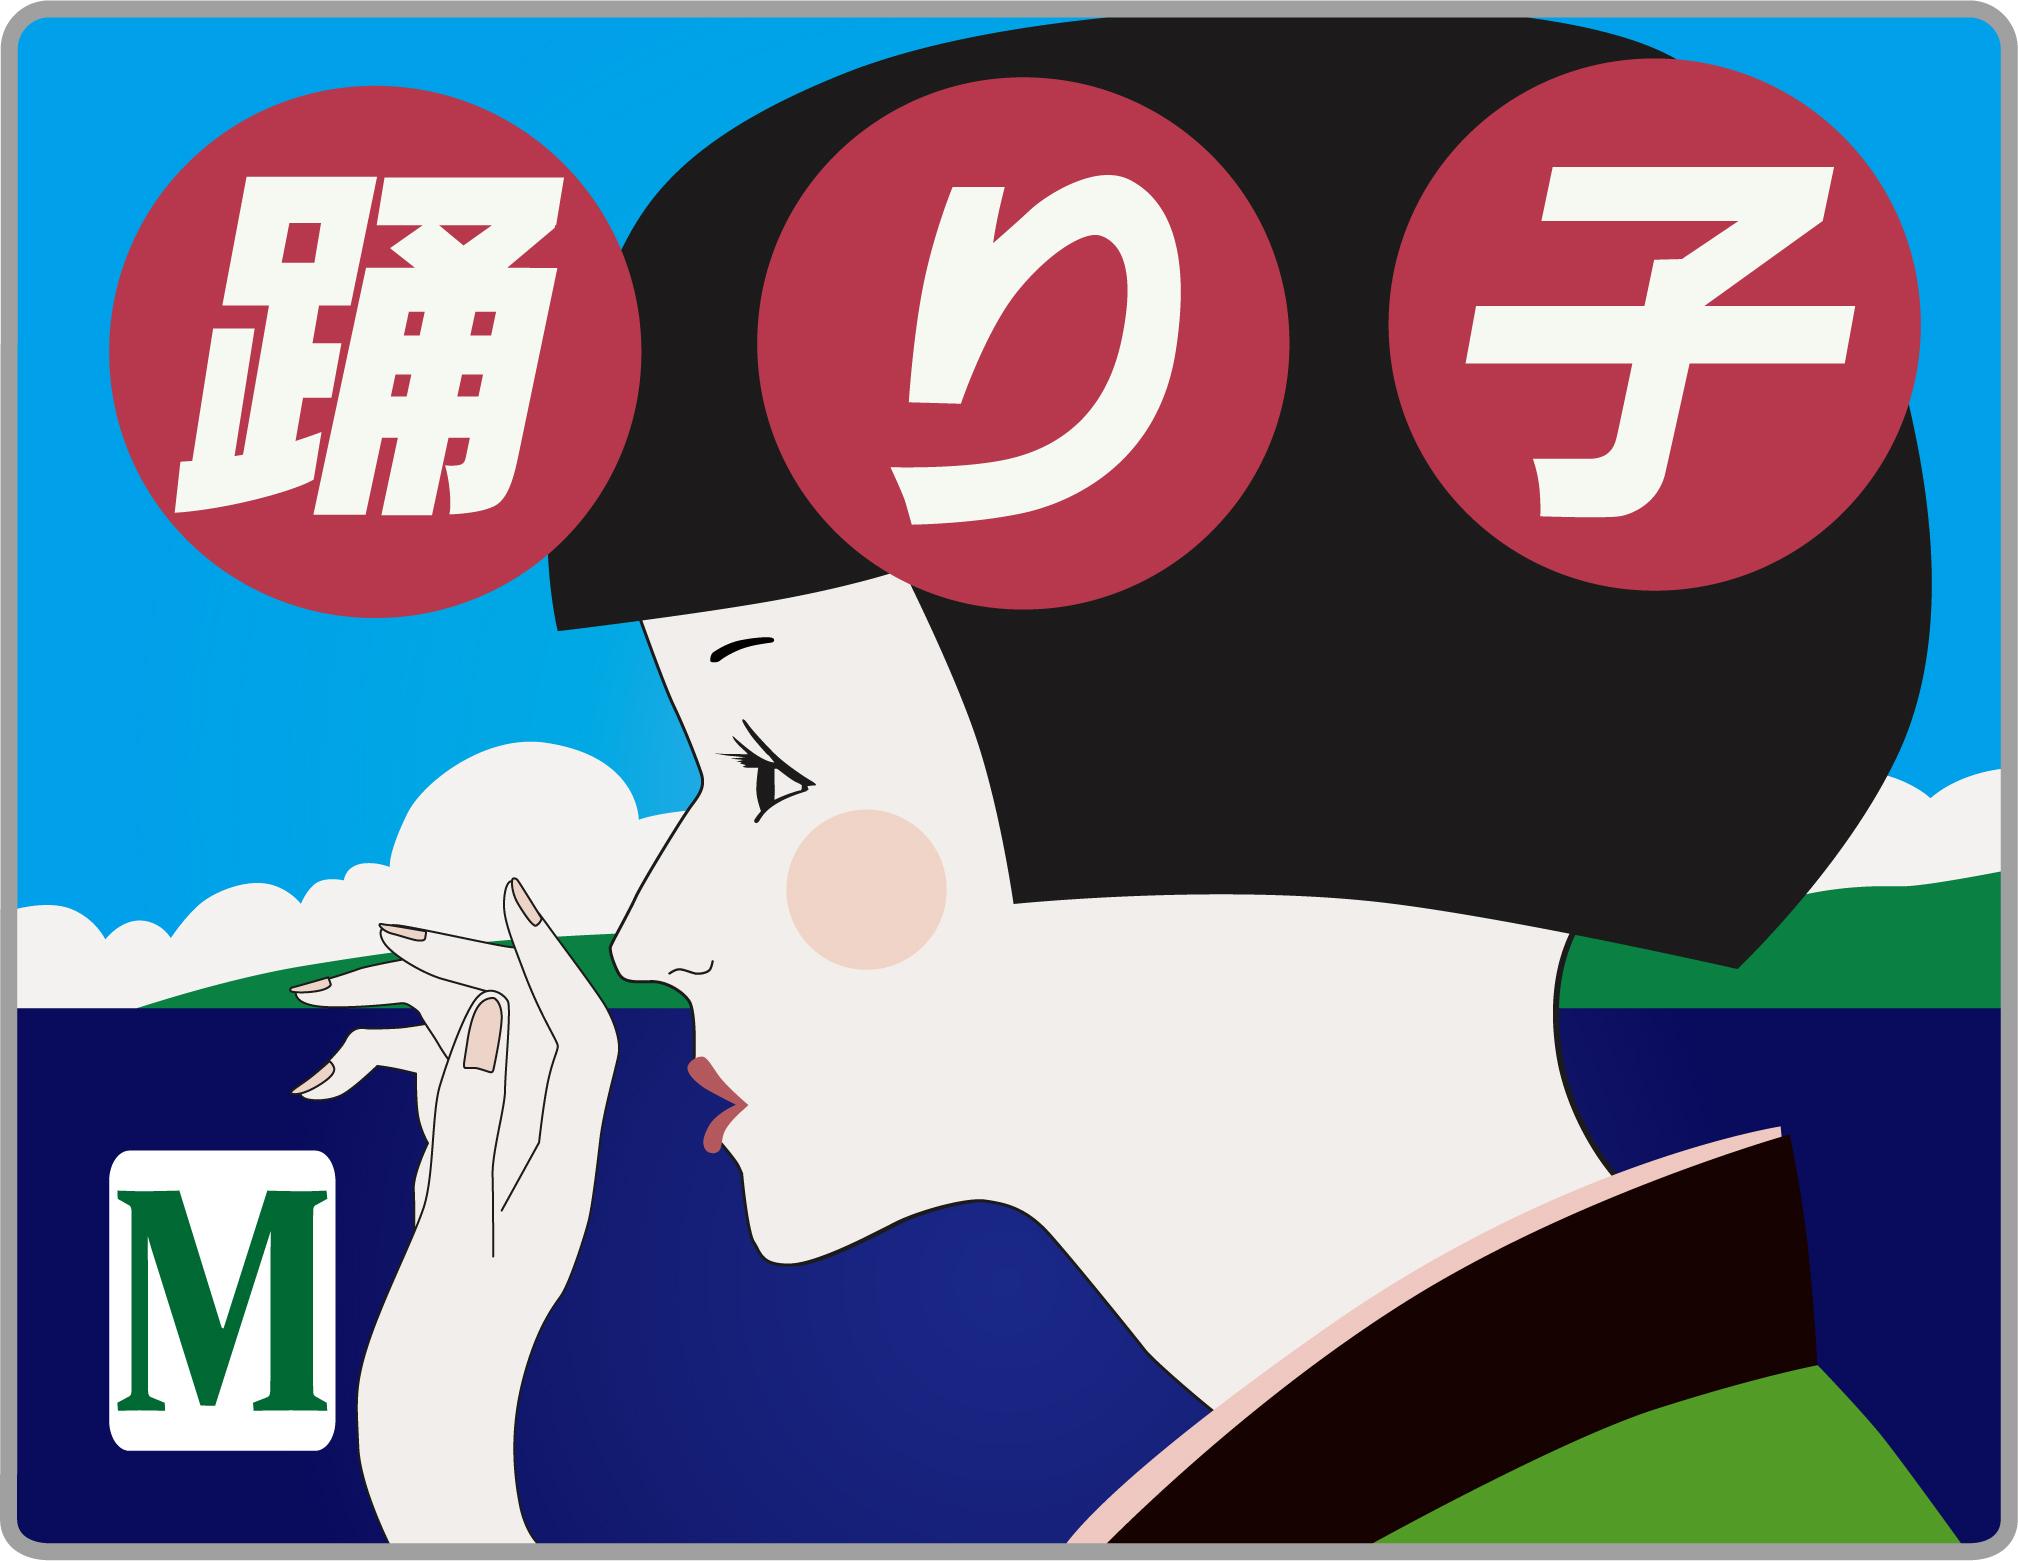 特急モントレー踊り子号HM